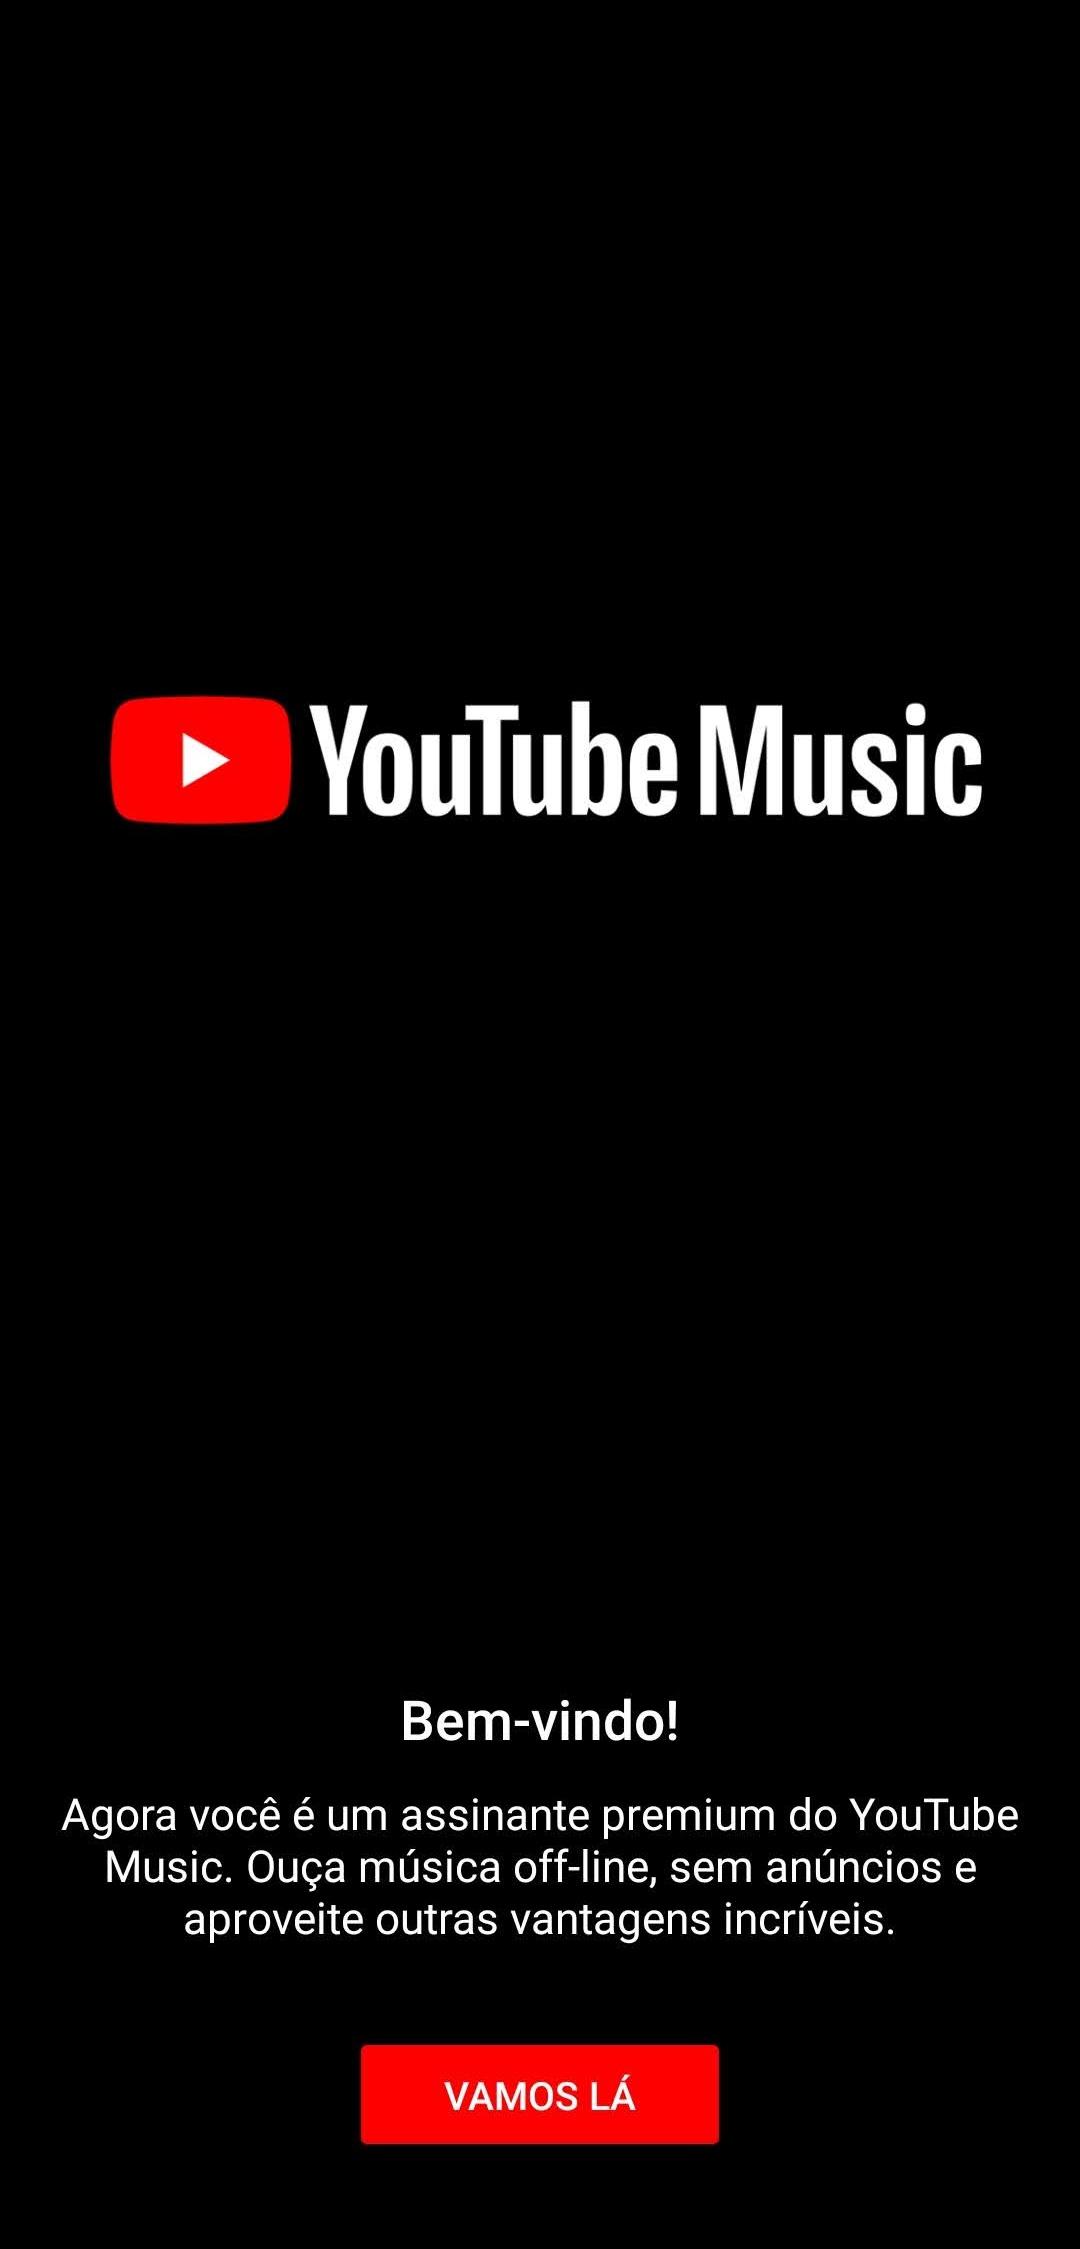 Versão premium oferece músicas sem comerciais